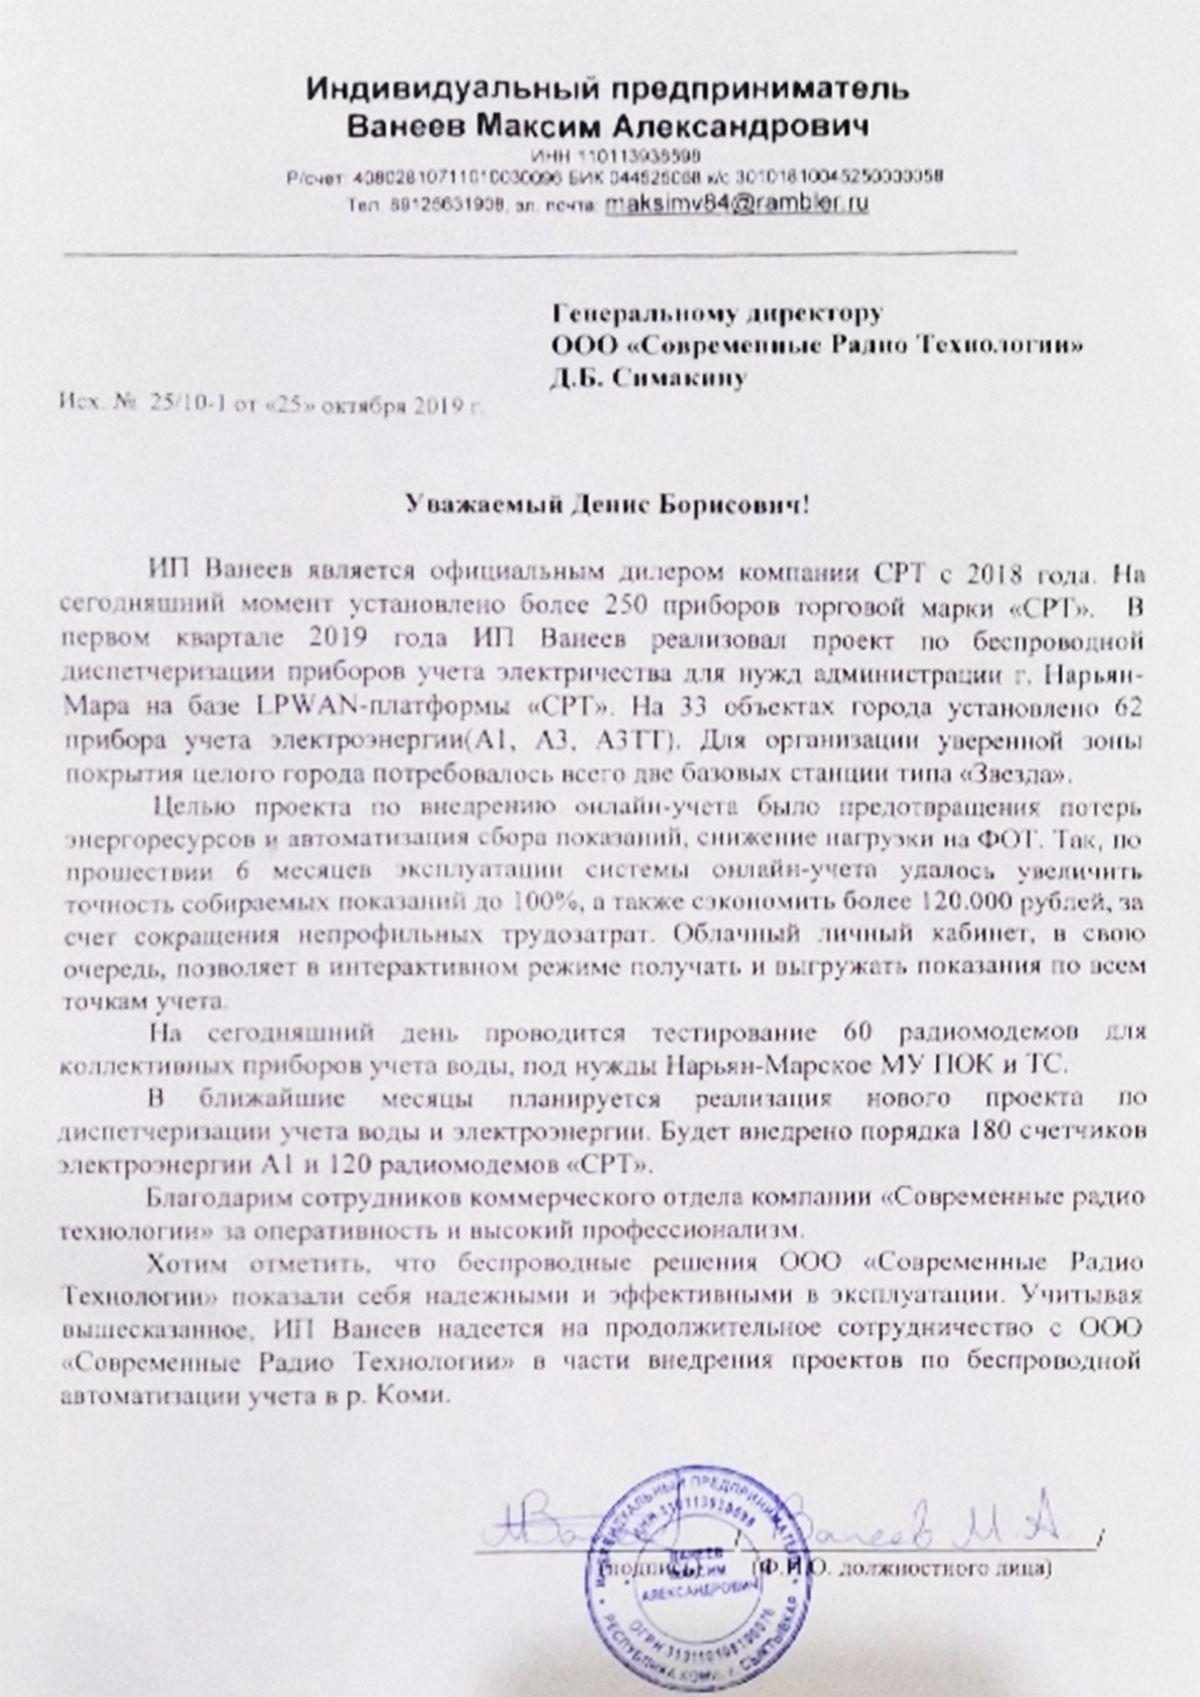 ИП Ванеев